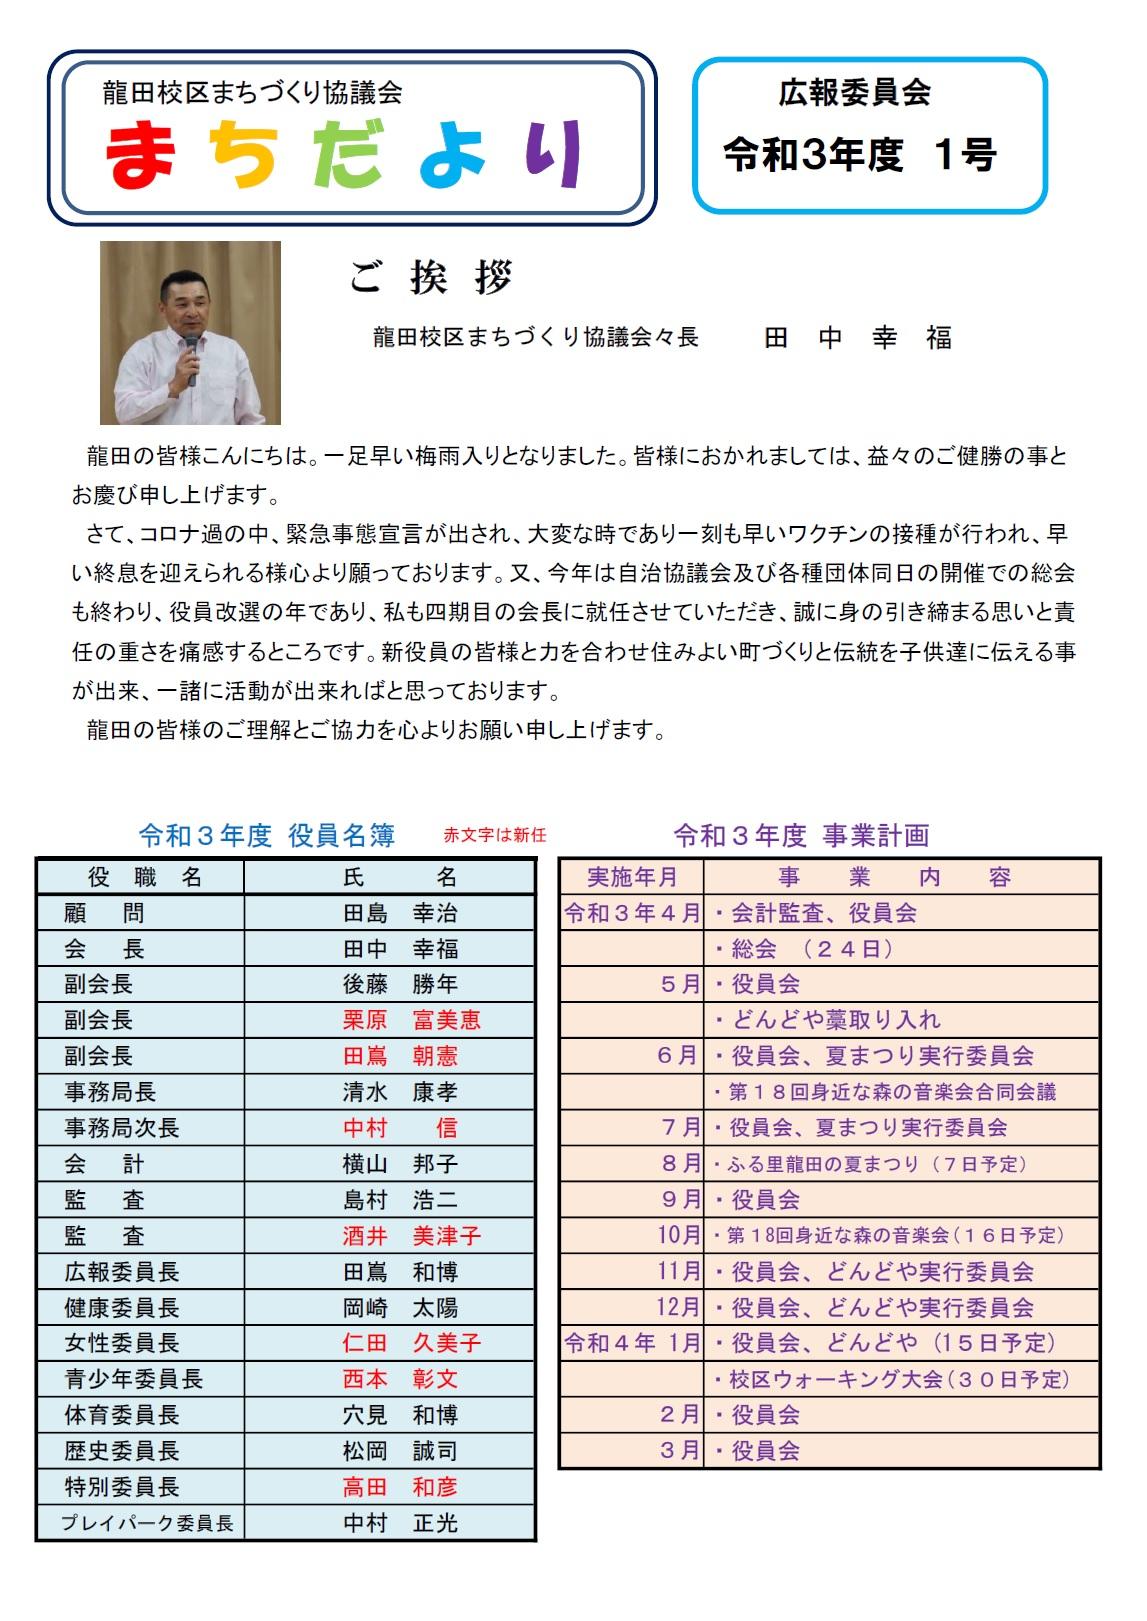 龍田校区まちづくり協議会「まちだより」令和3年度第1号